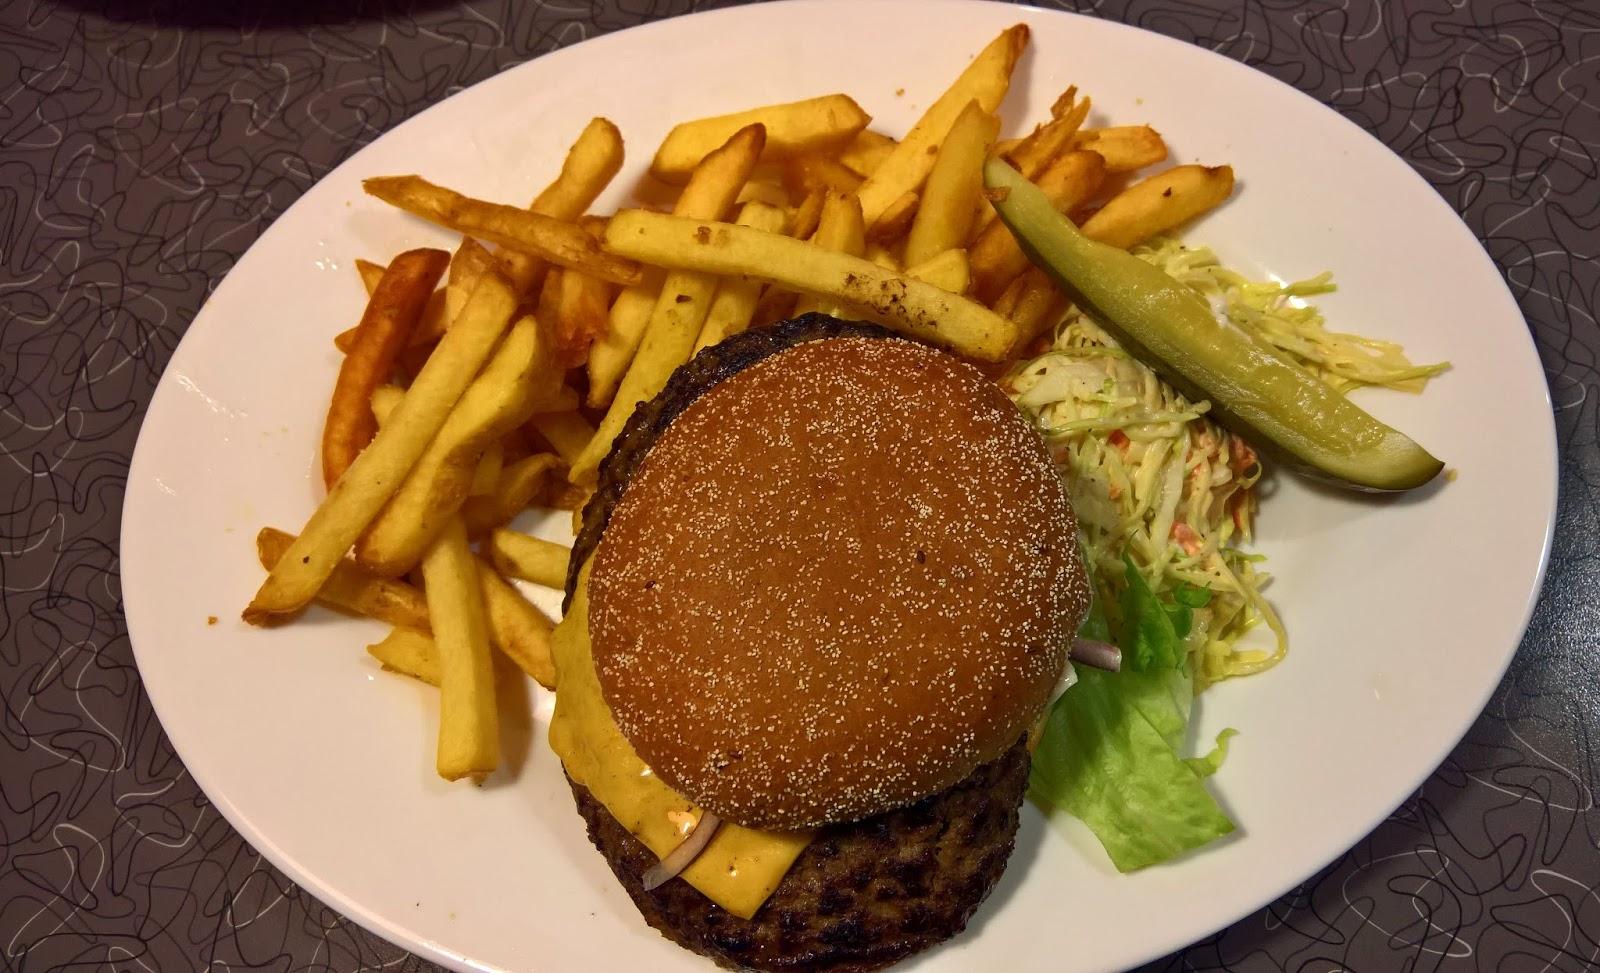 Jyväskylän paras hampurilainen testi mallaspulla classic american diner